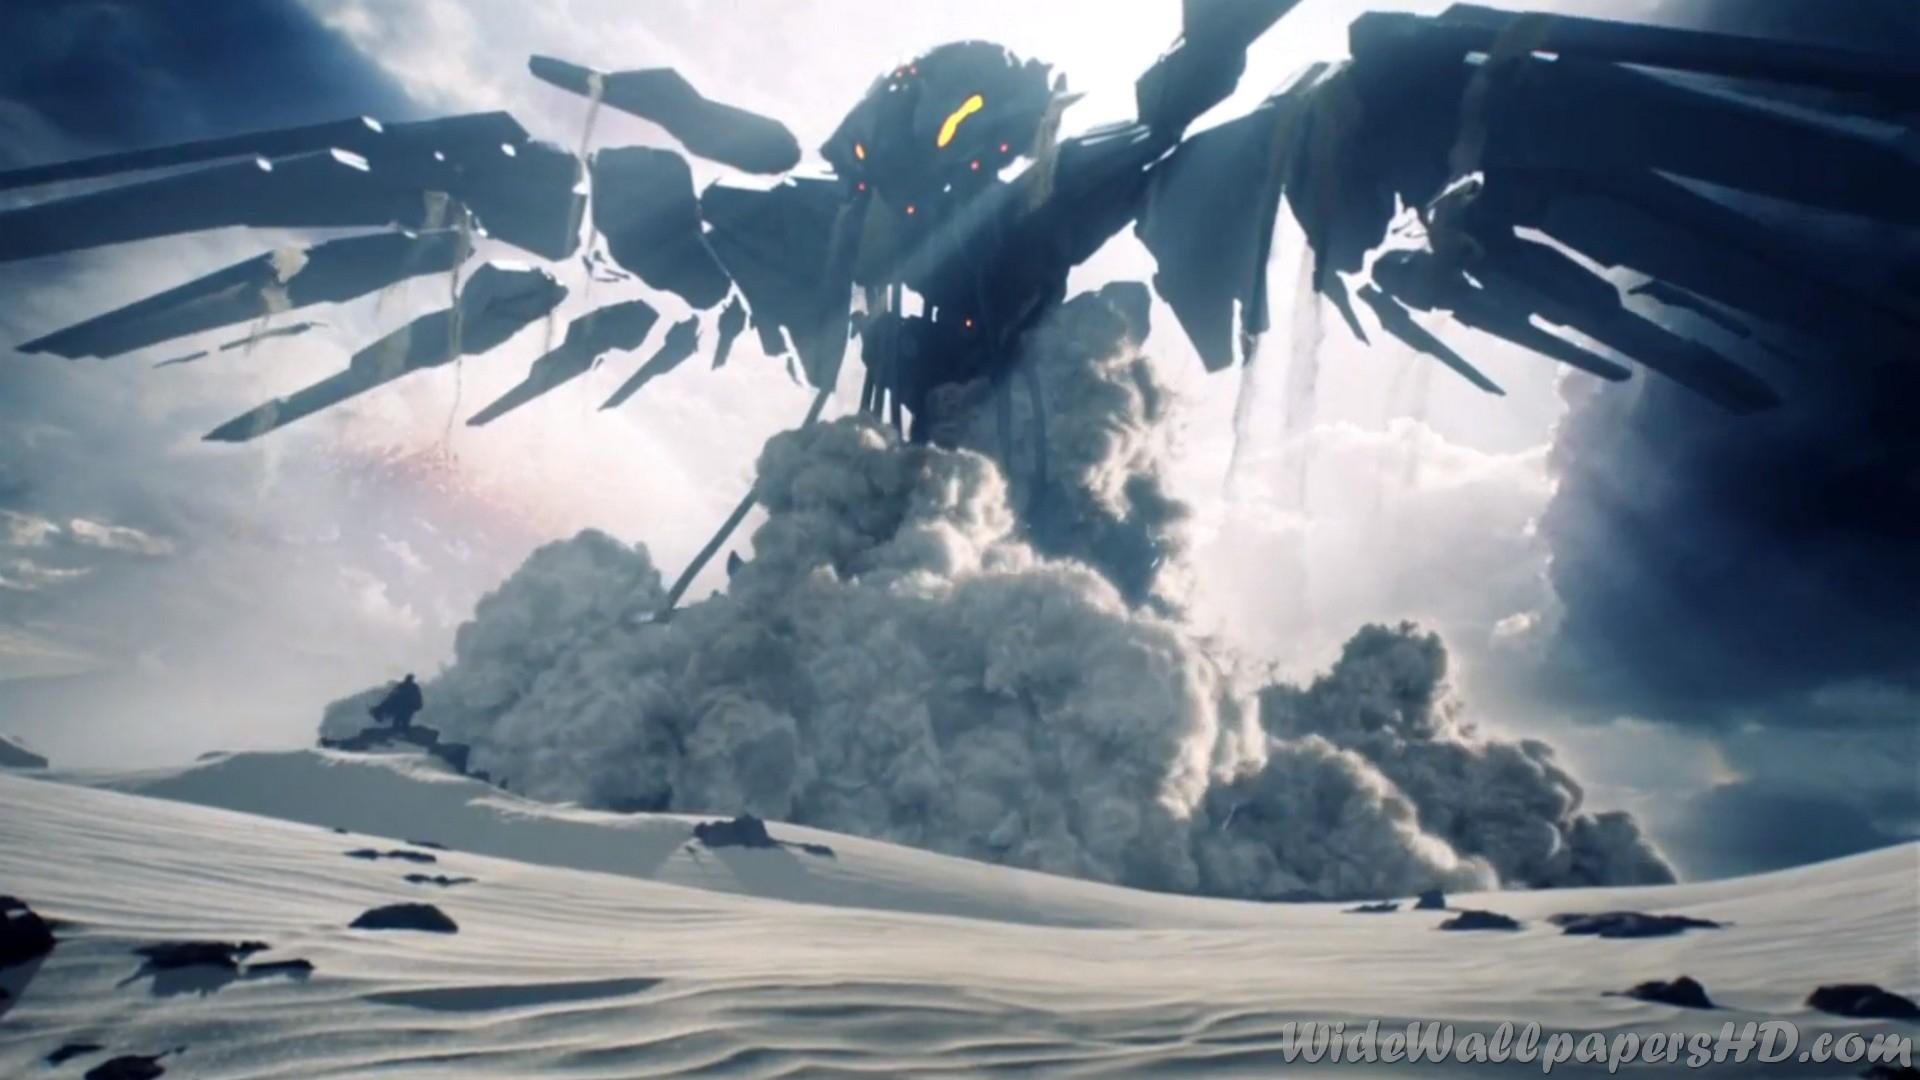 Halo 5 Hd Deskto